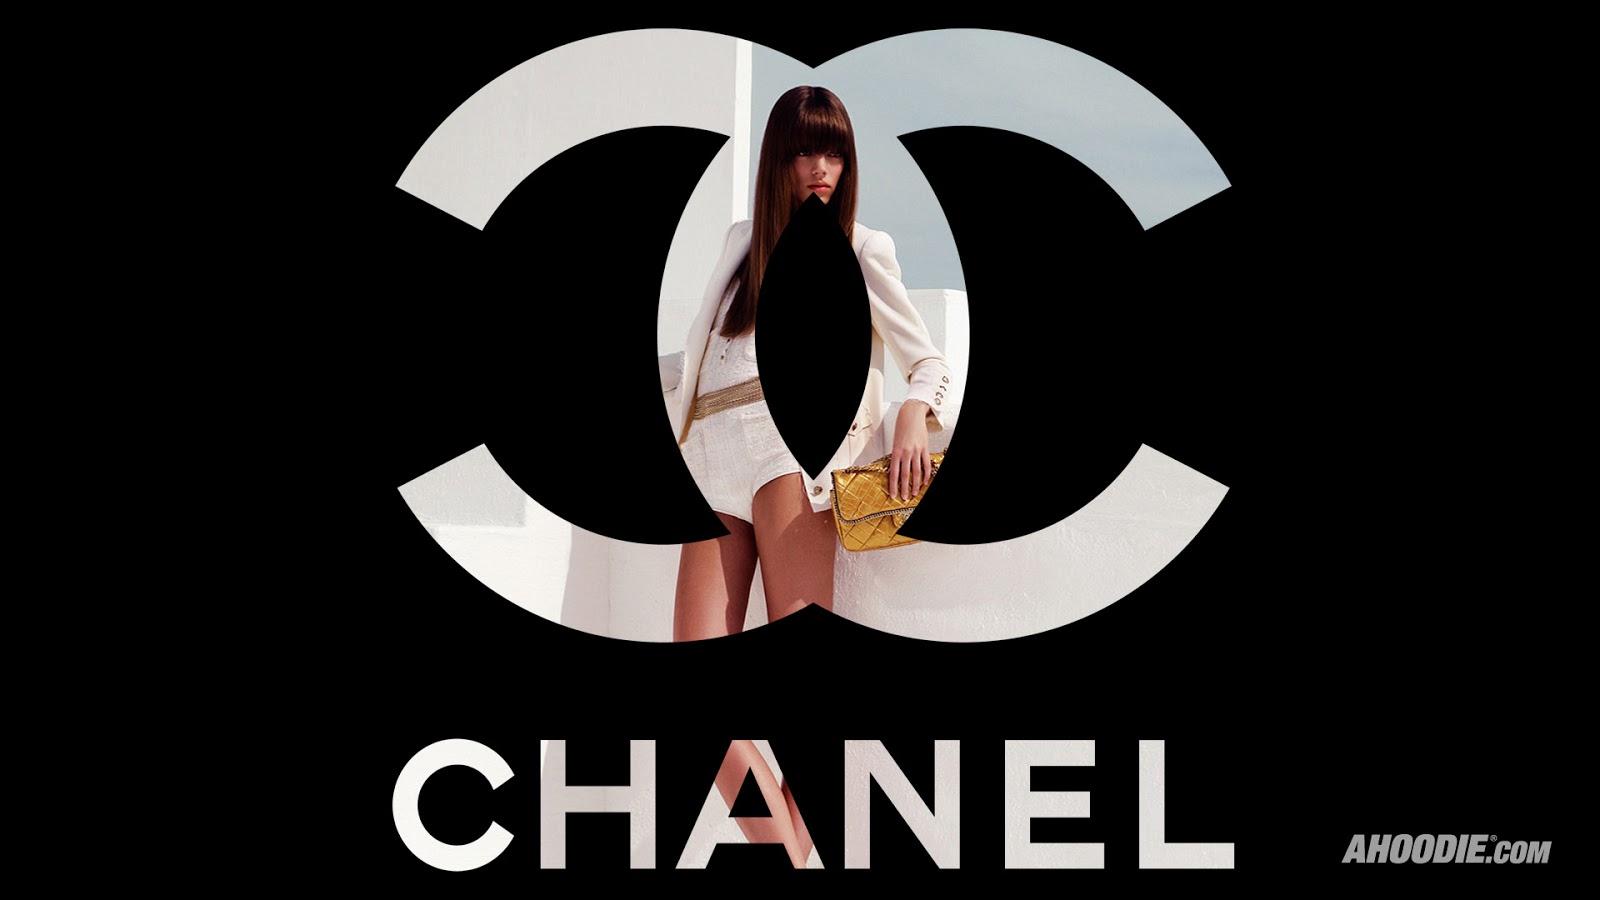 Black Rose Iphone Wallpaper Fond D 233 Cran Chanel Gratuit Fond D 233 Cran Hd